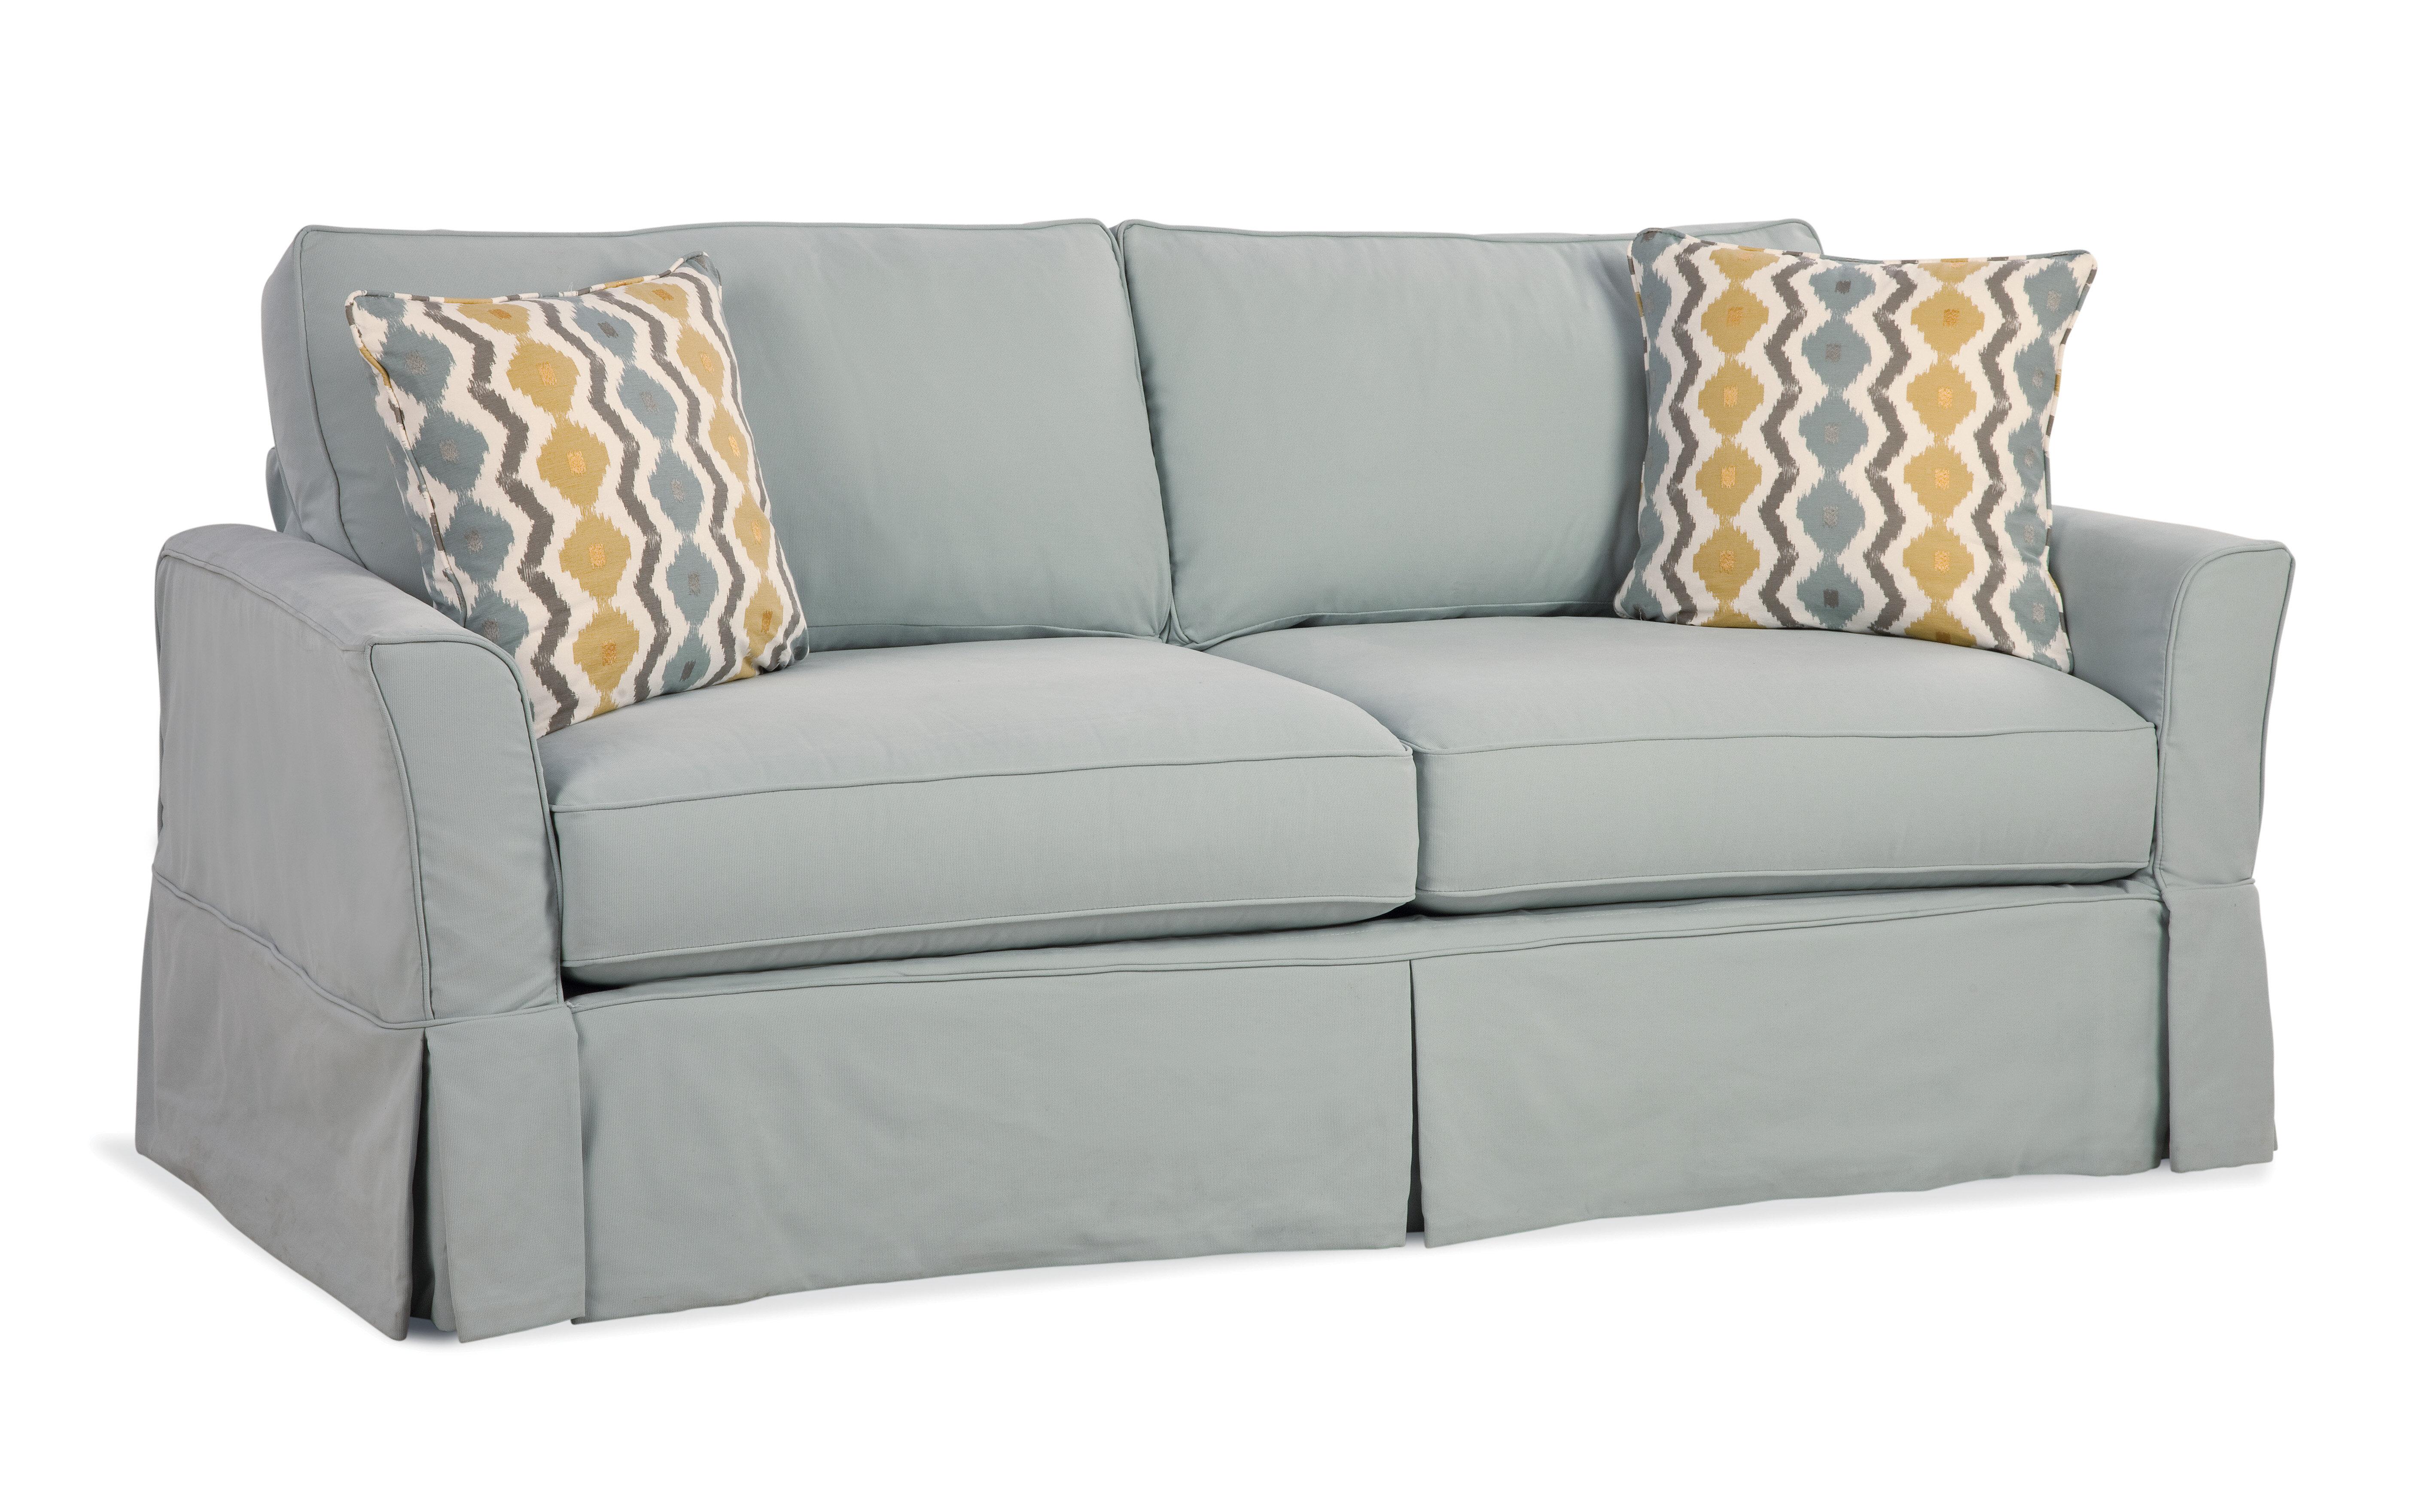 Delicieux Acadia Furnishings Portland Sofa | Wayfair